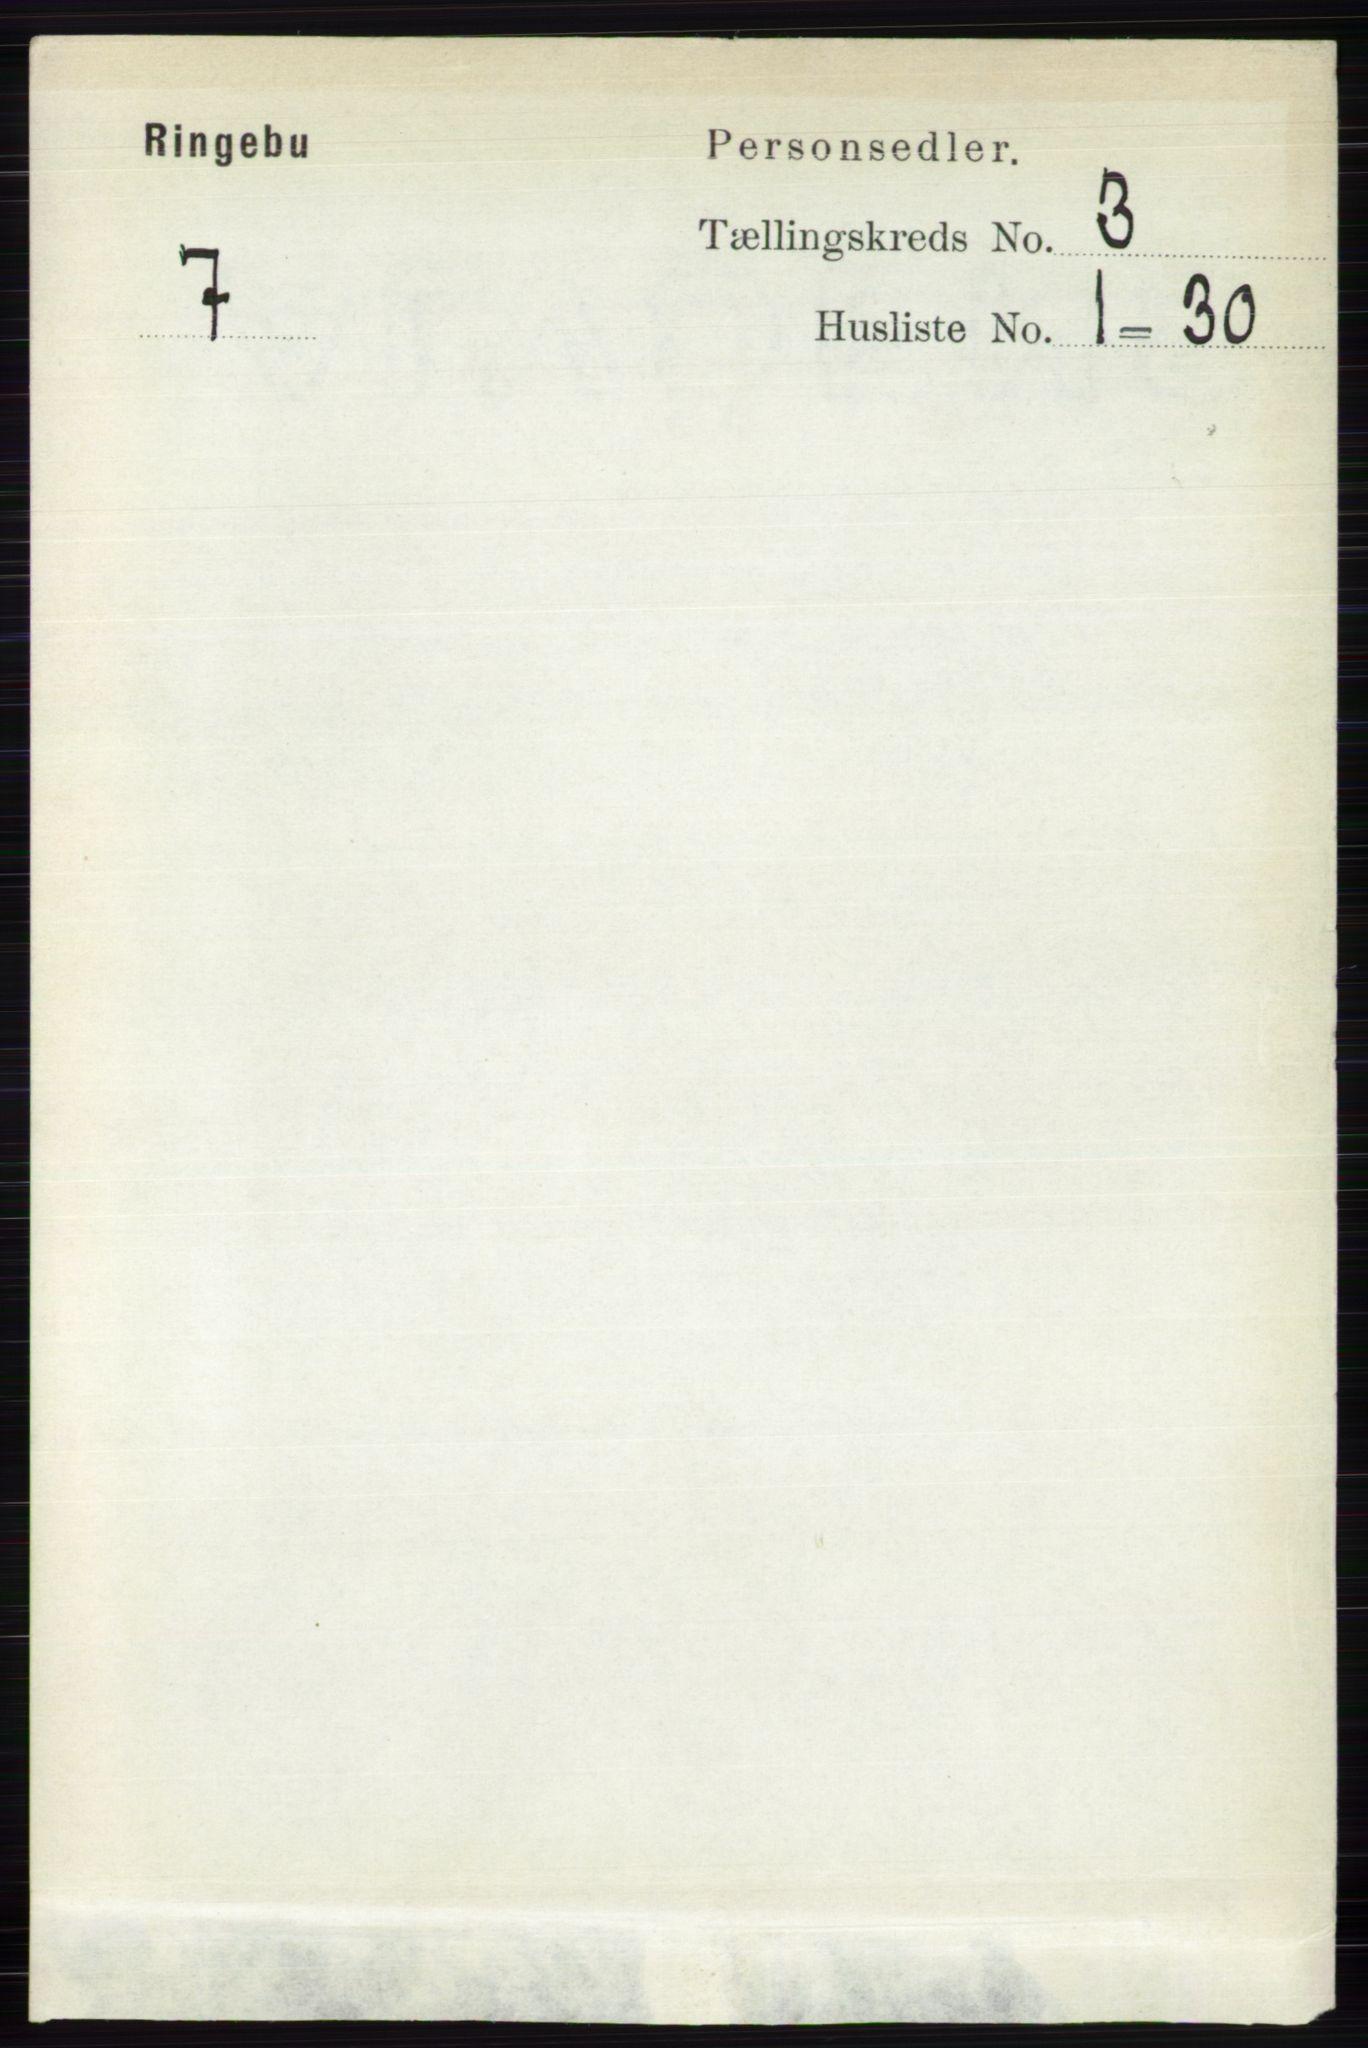 RA, Folketelling 1891 for 0520 Ringebu herred, 1891, s. 720